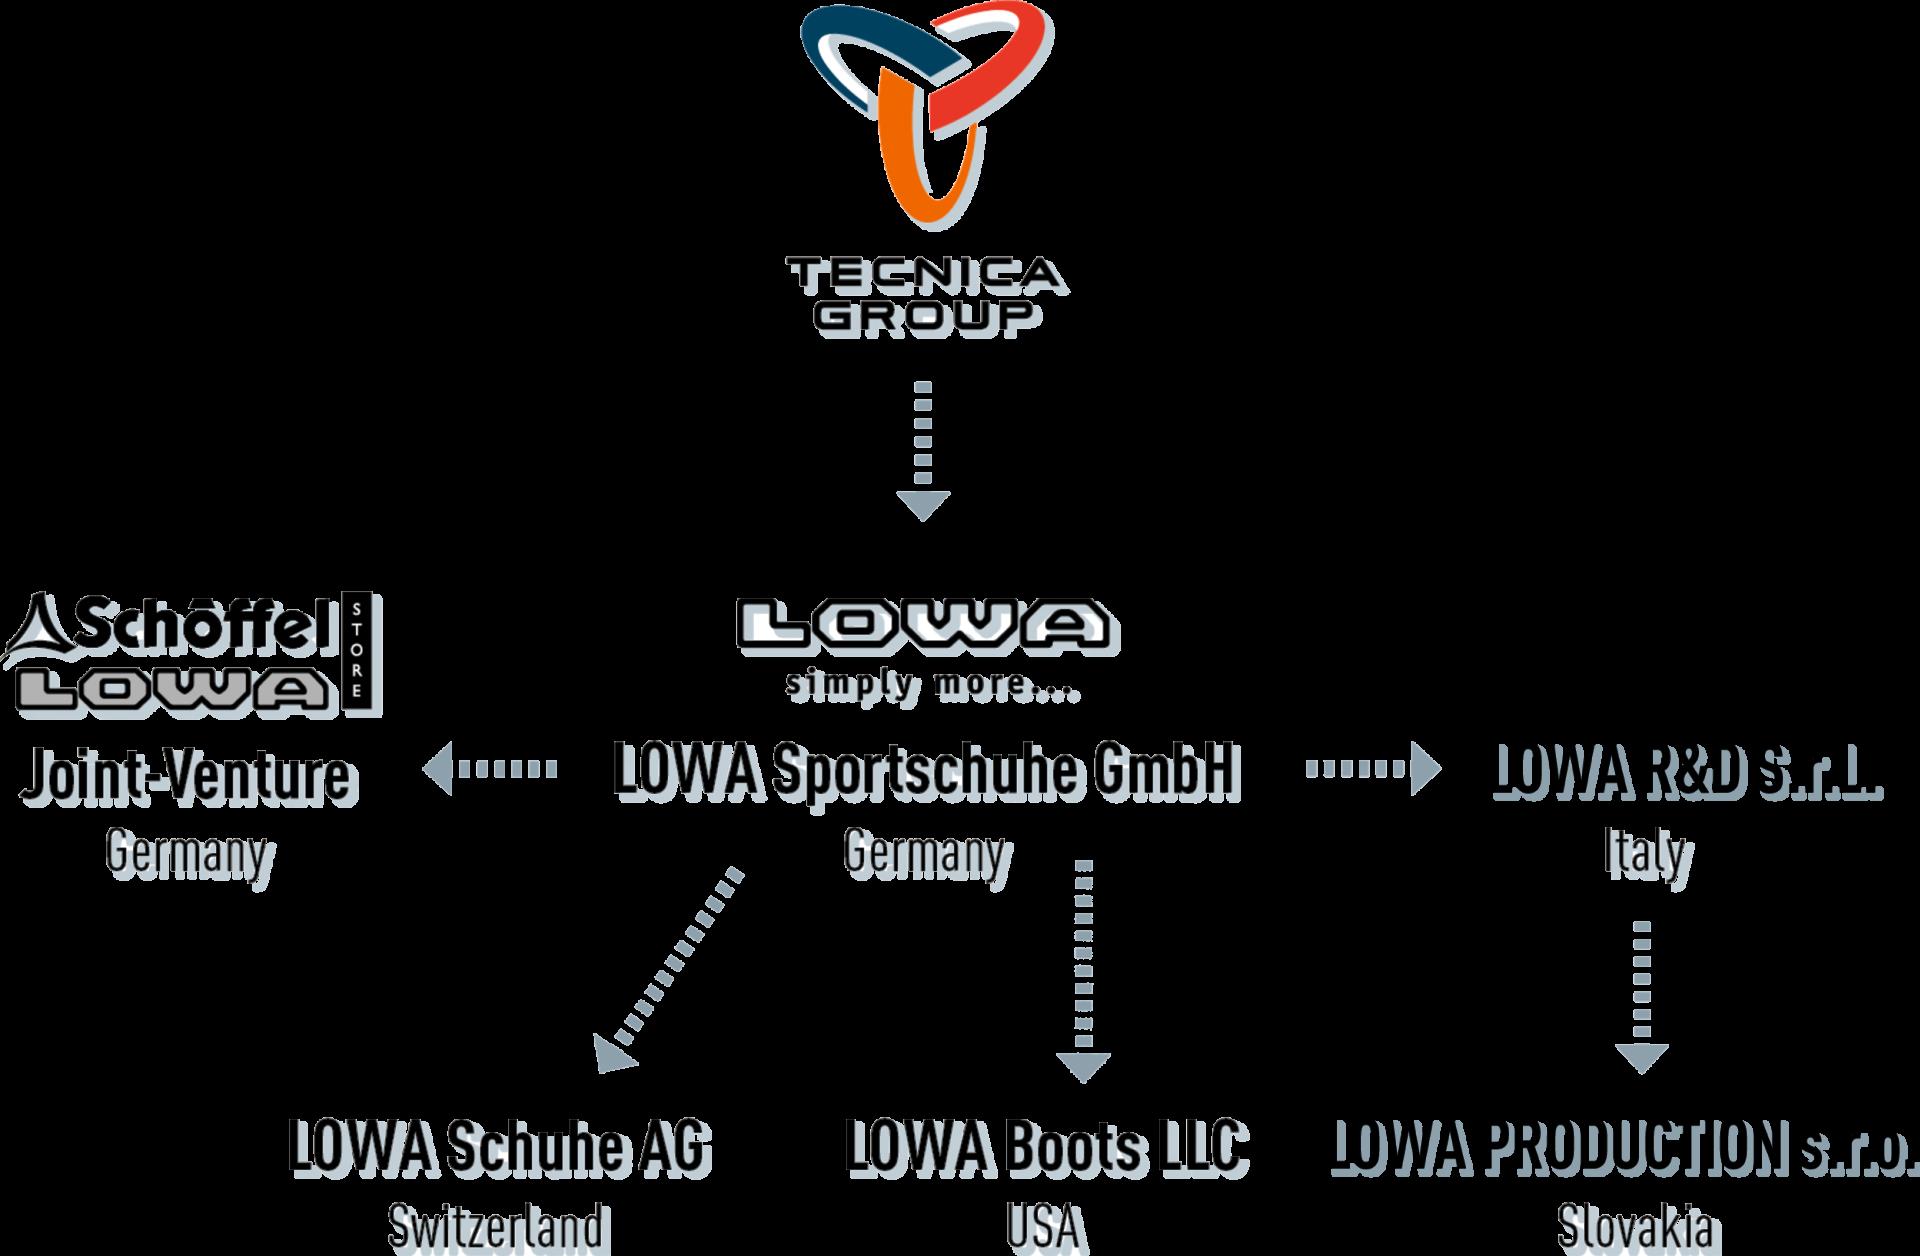 Neben dem Hauptsitz in Jetzendorf hat LOWA Niederlassungen in der Schweiz, den USA, Italien und der Slowakei. Seit dem Jahr 1993 gehört das Unternehmen zur italienischen Tecnica-Gruppe.